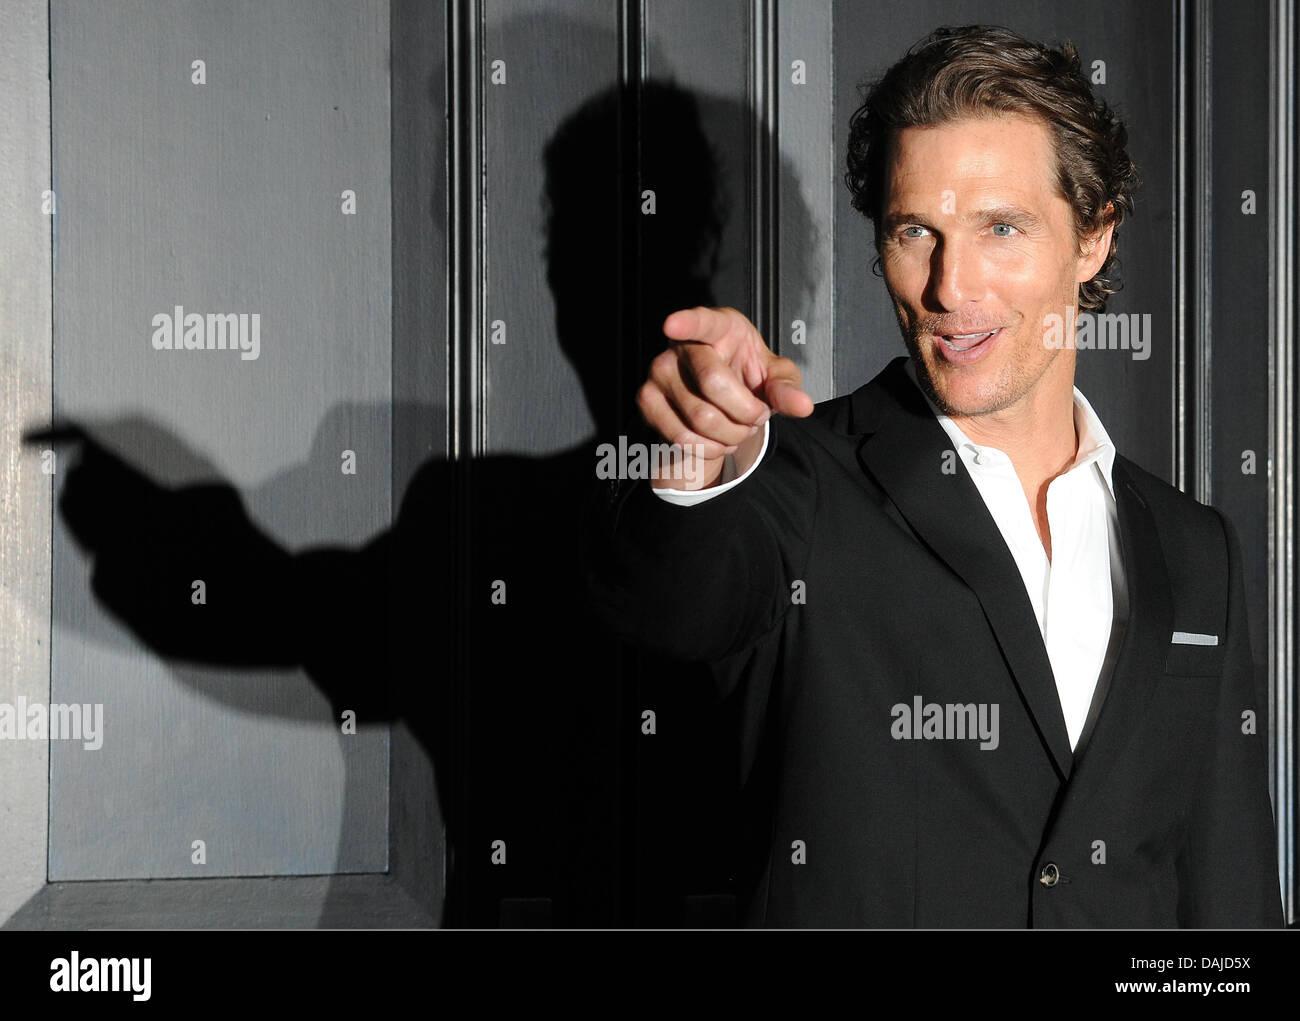 Attore Matthew McConaughey pone a un photocall del film 'L'avvocato Lincoln' nell'Hotel de Rome di Berlino, Germania, 6 aprile 2011. Il film arriva tedesco cinema il 23 giugno 2011. Foto: Jens Kalaene Foto Stock